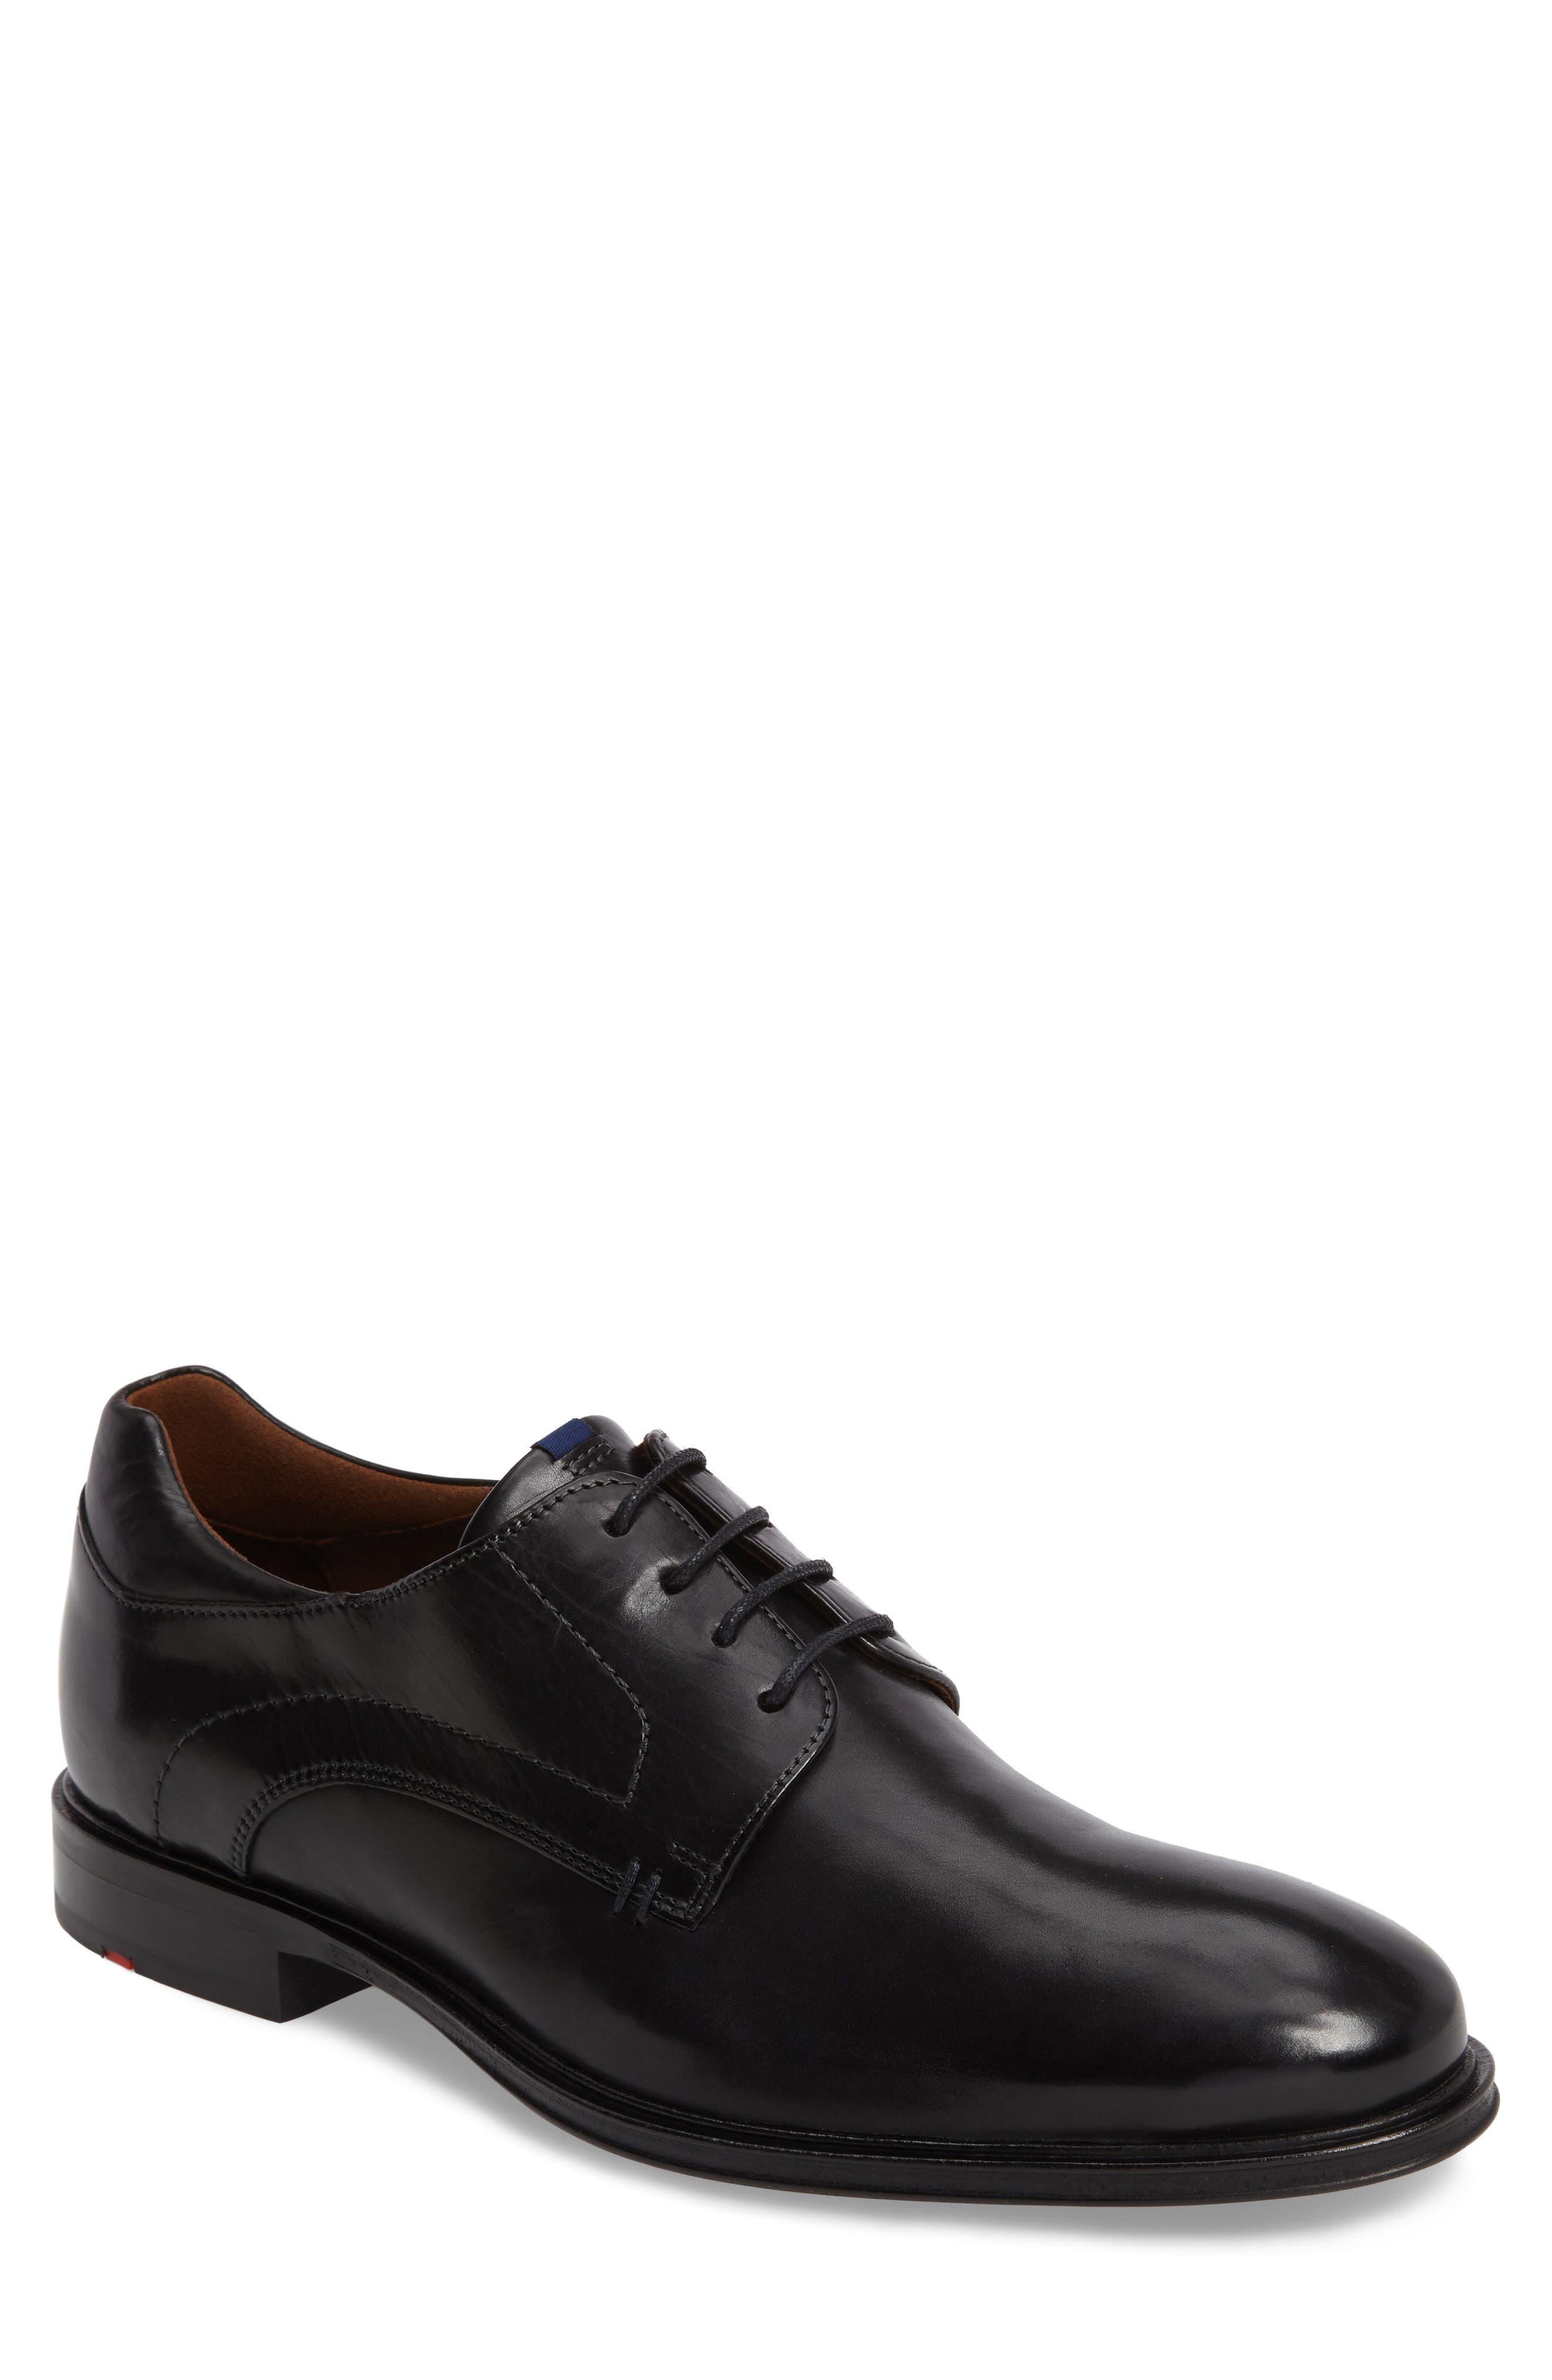 Milan Plain Toe Derby,                         Main,                         color, BLACK LEATHER